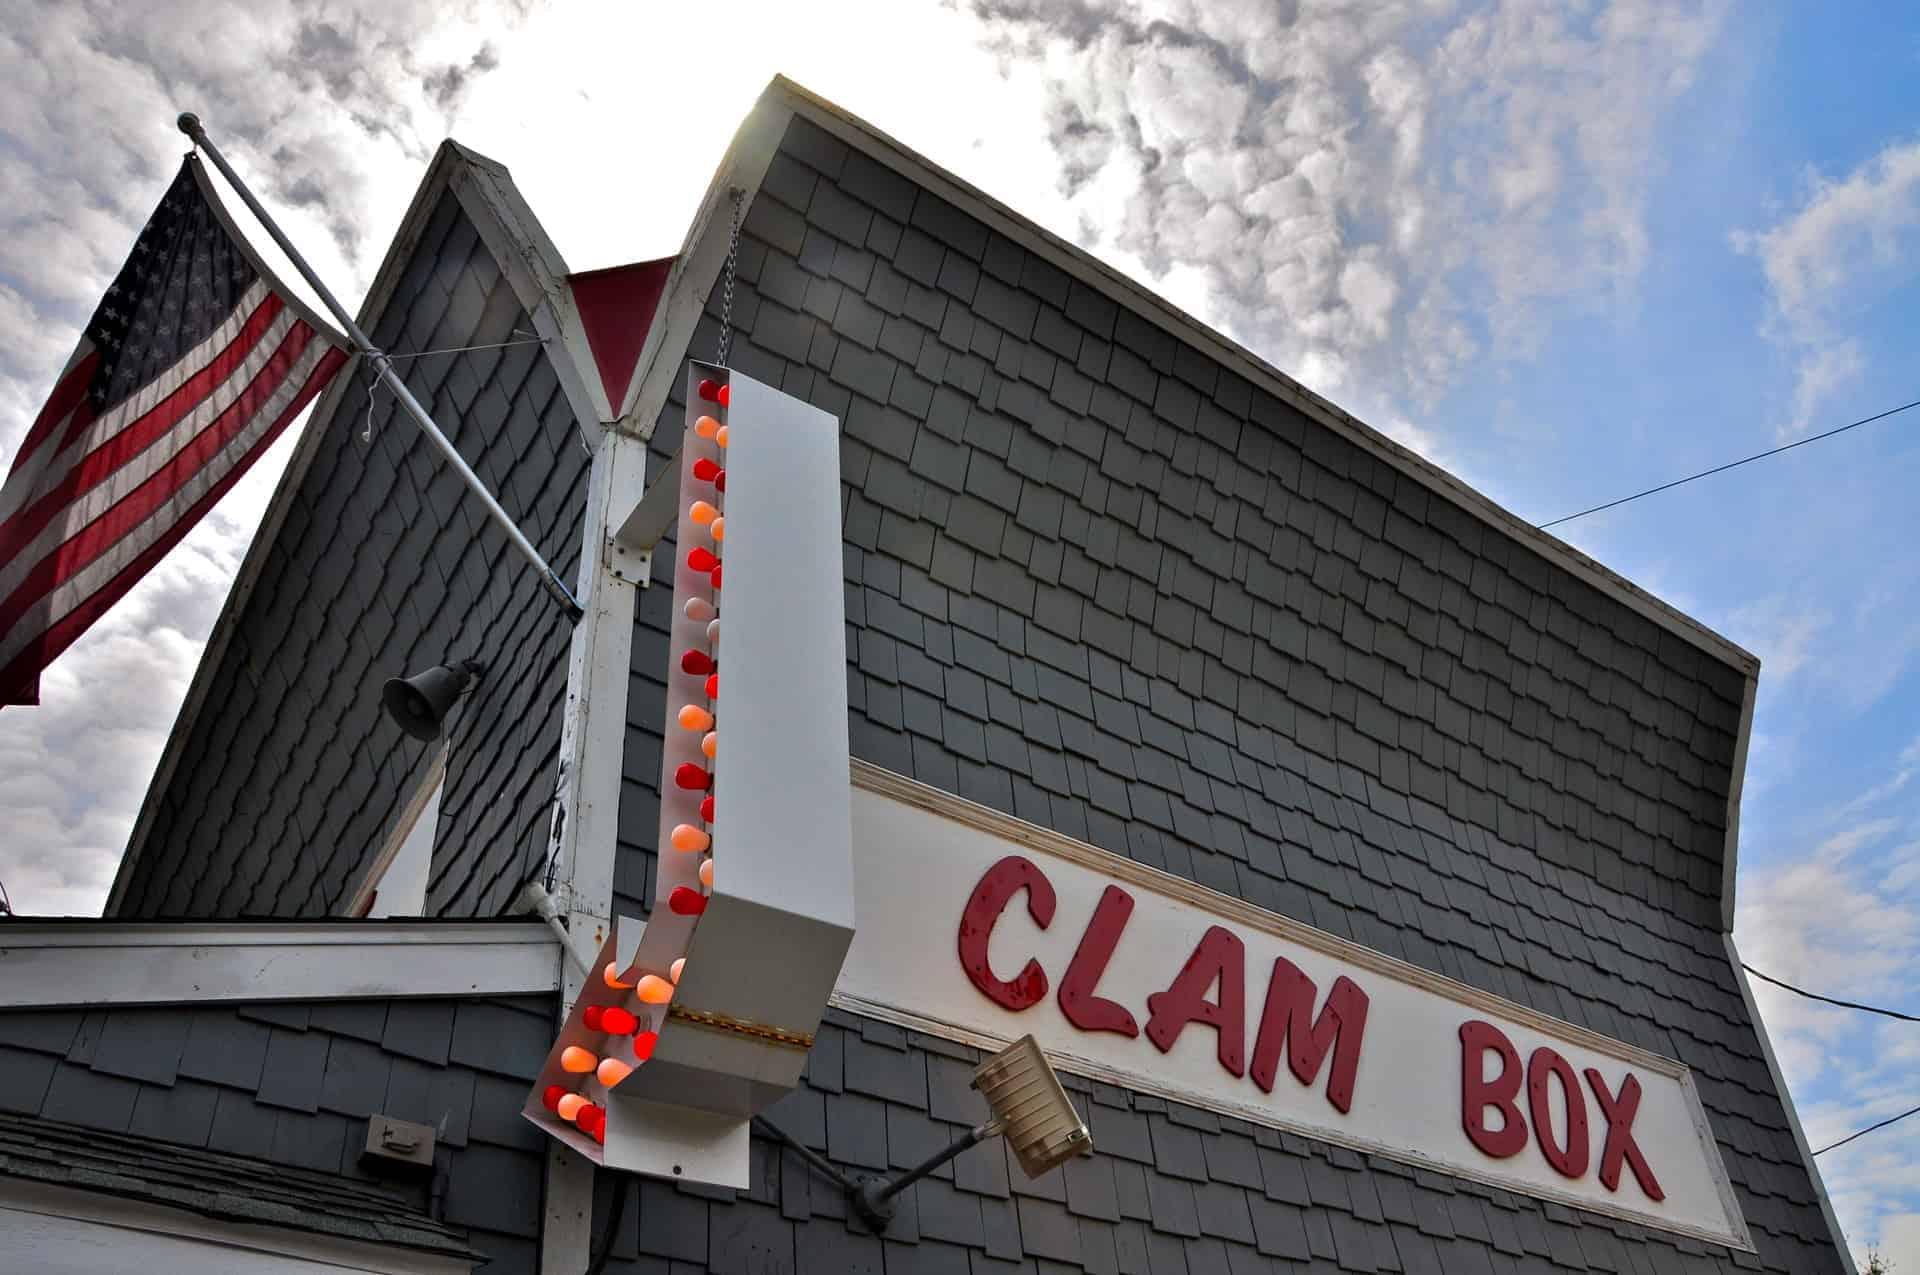 Clam Box Ipswich MA Retro Roadmap